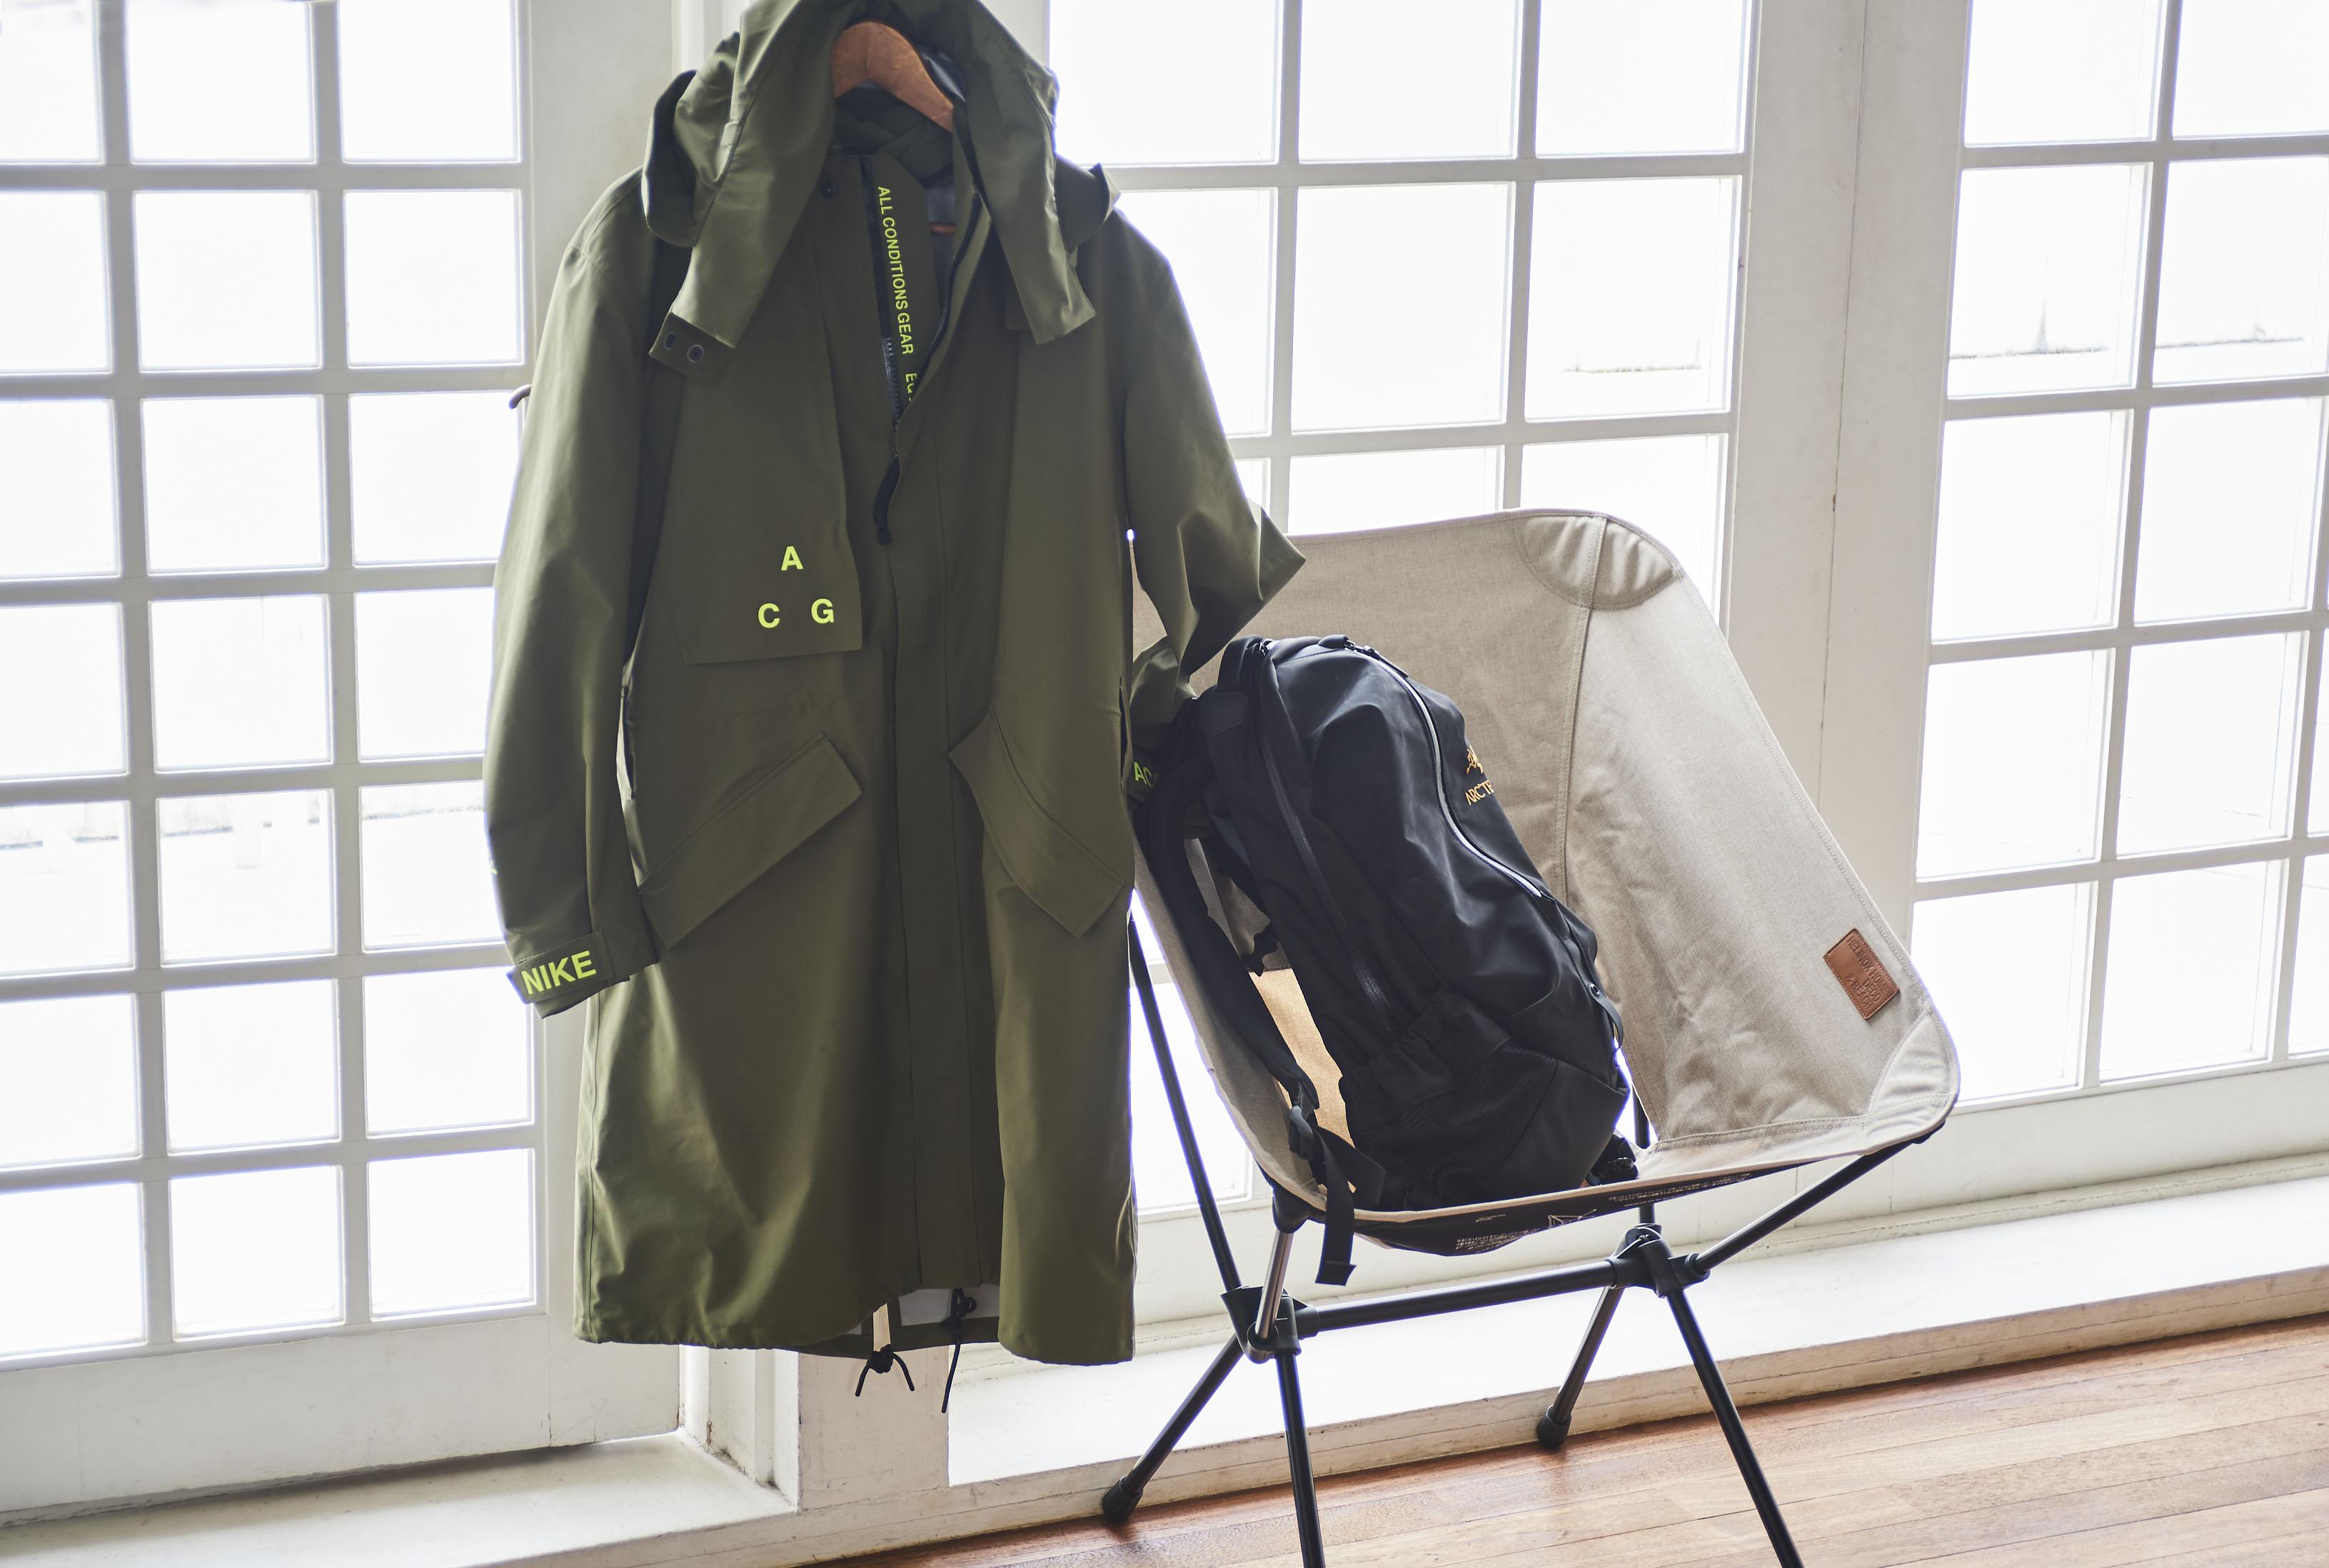 9月・10月のキャンプ服は何を着ていく?何を持っていく?服装準備リスト